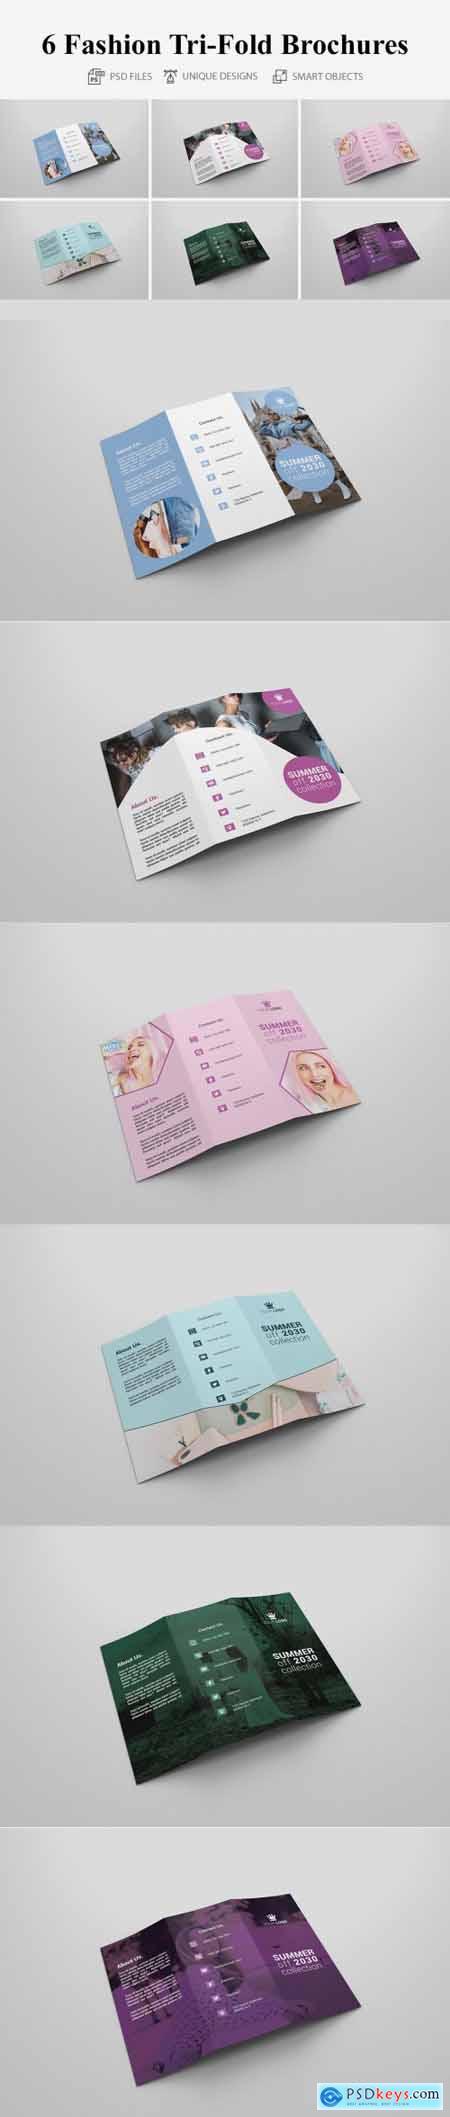 6 Fashion Tri-fold Brochures 4160669